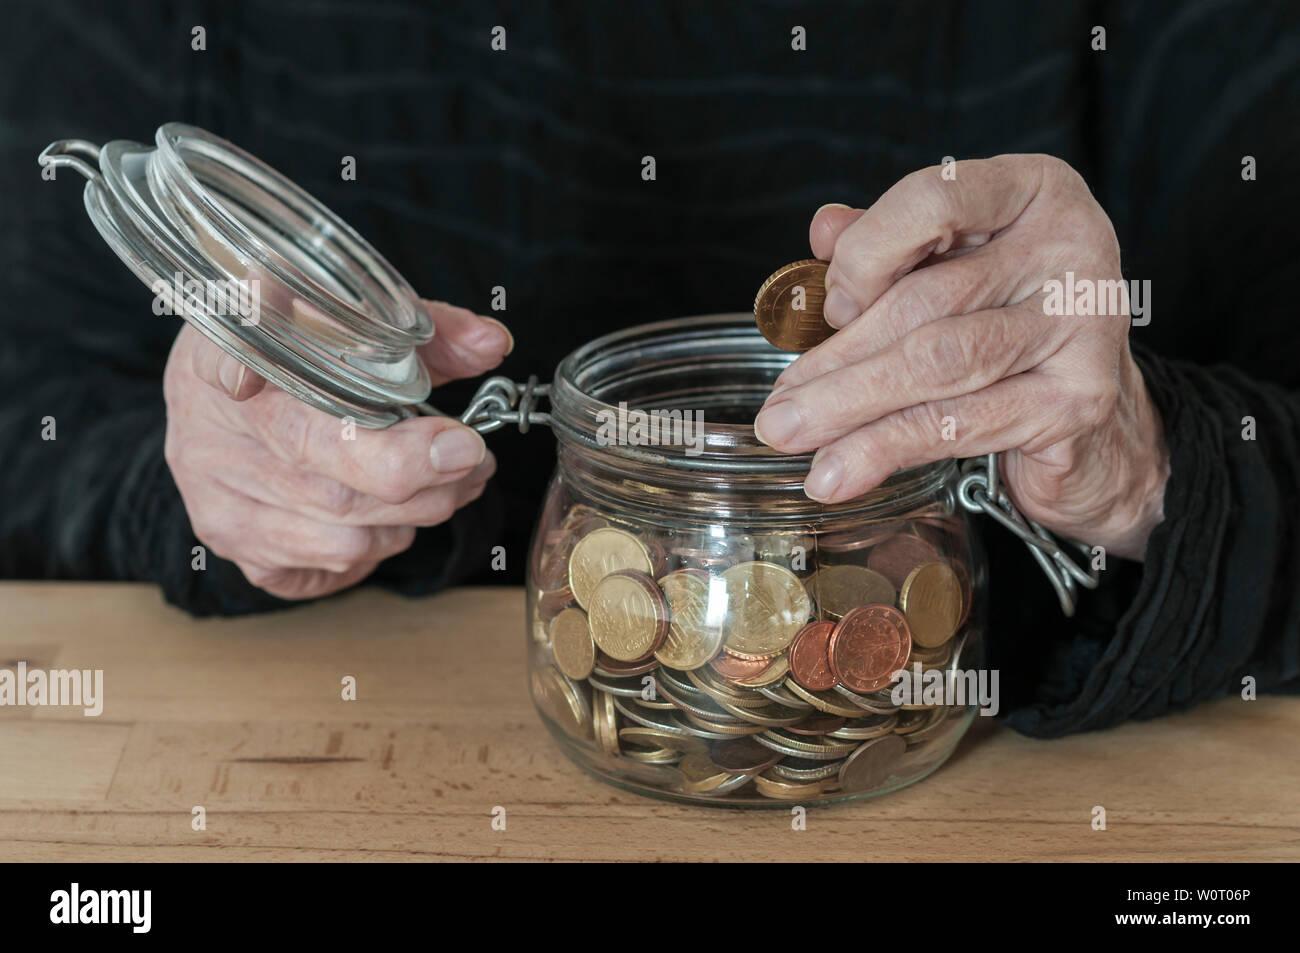 Haende einer alten Frau halten ein Einmachglas mit Kleingeld. - Stock Image